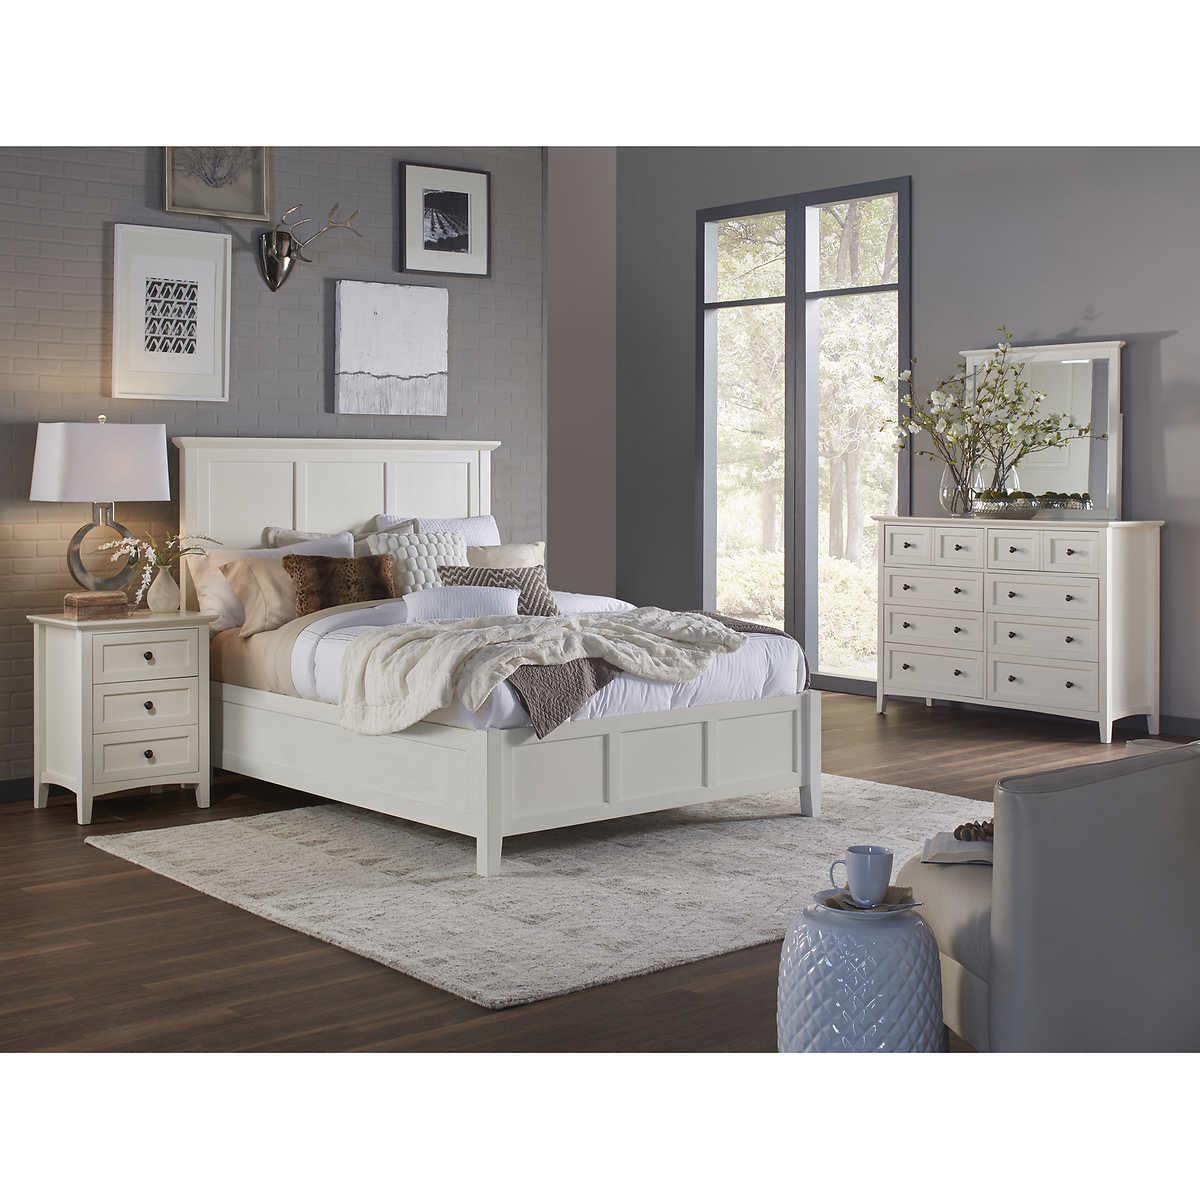 Paolina 5-piece Queen Bedroom Set